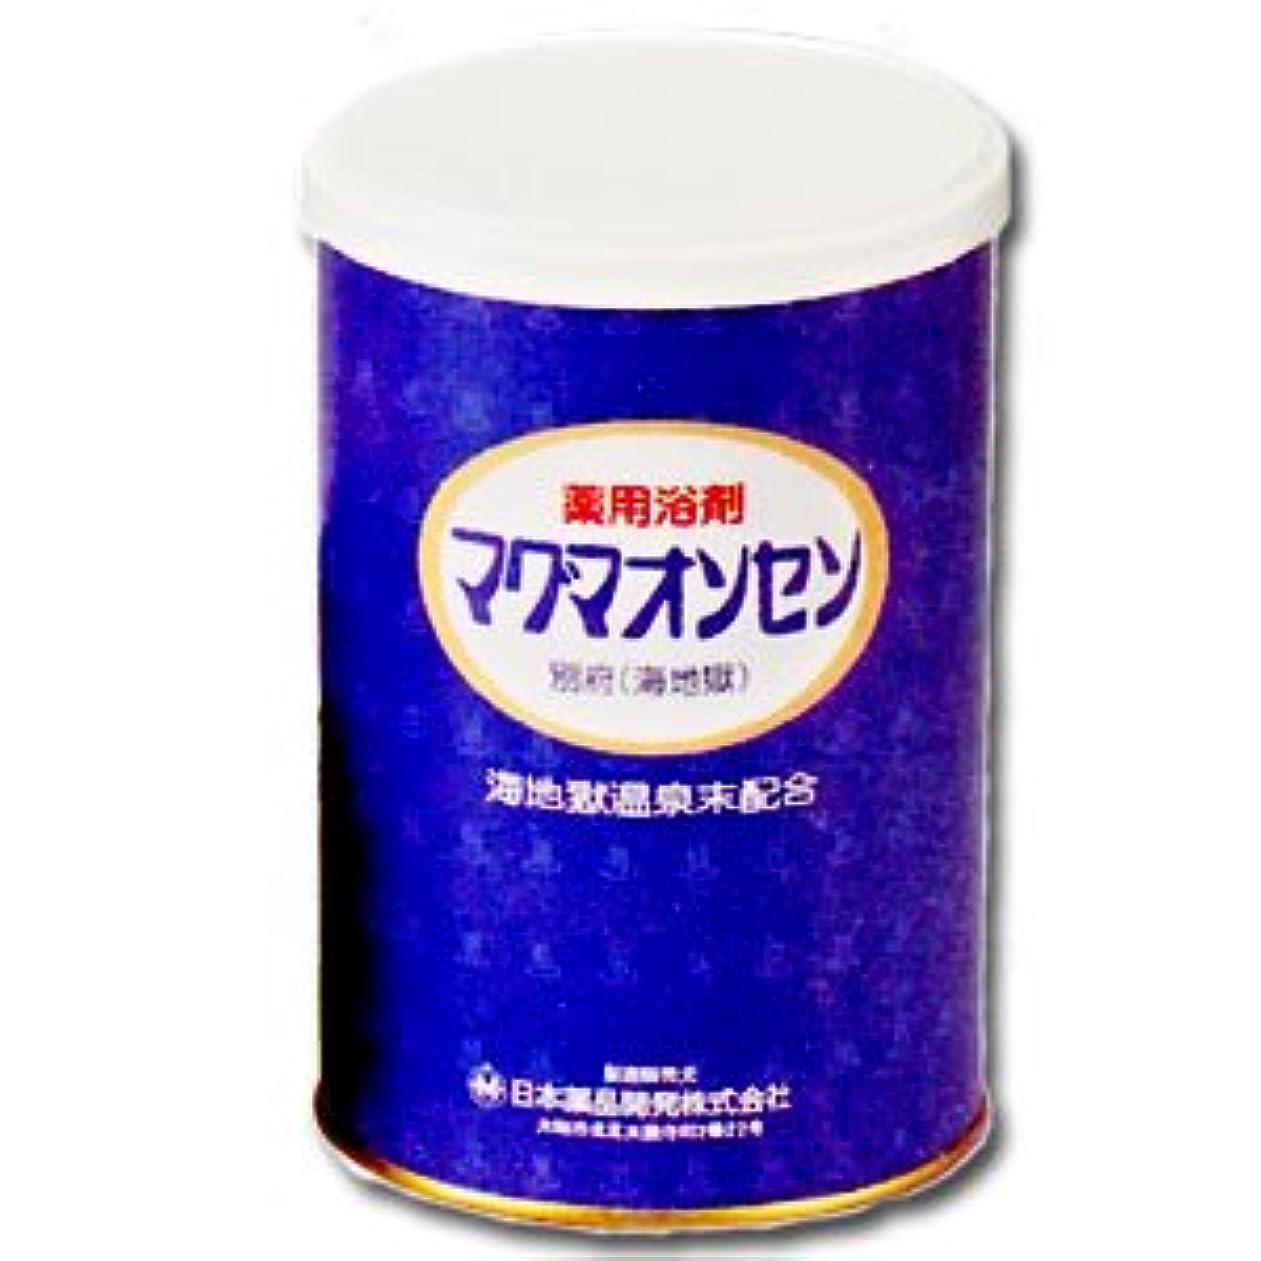 ライド一部こしょう薬用入浴剤 マグマオンセン(医薬部外品)500g